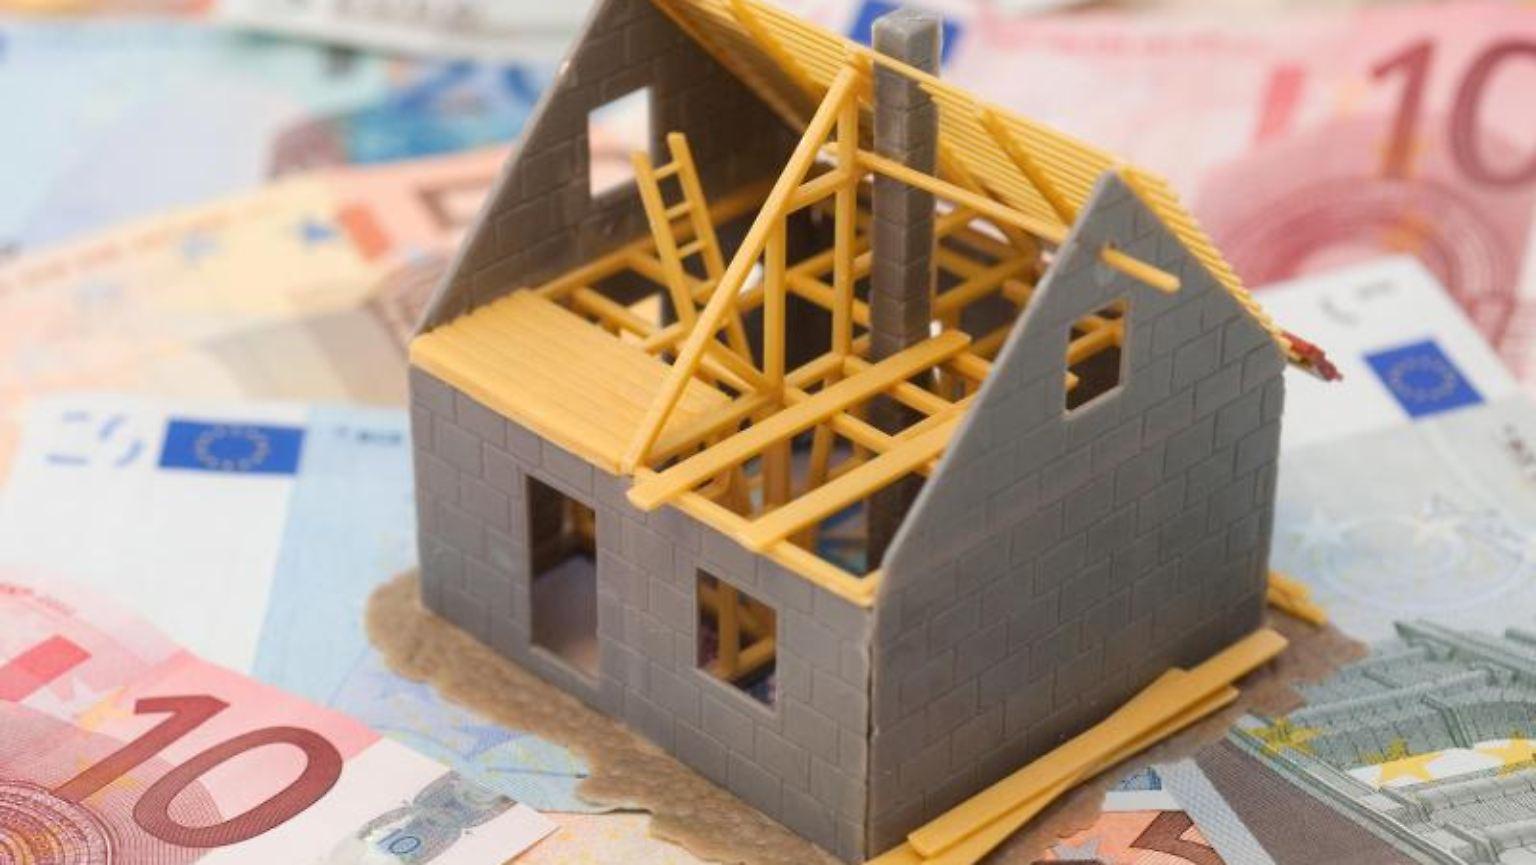 Günstig, aber wertig: Wie man beim Hausbau Kosten spart - n-tv.de